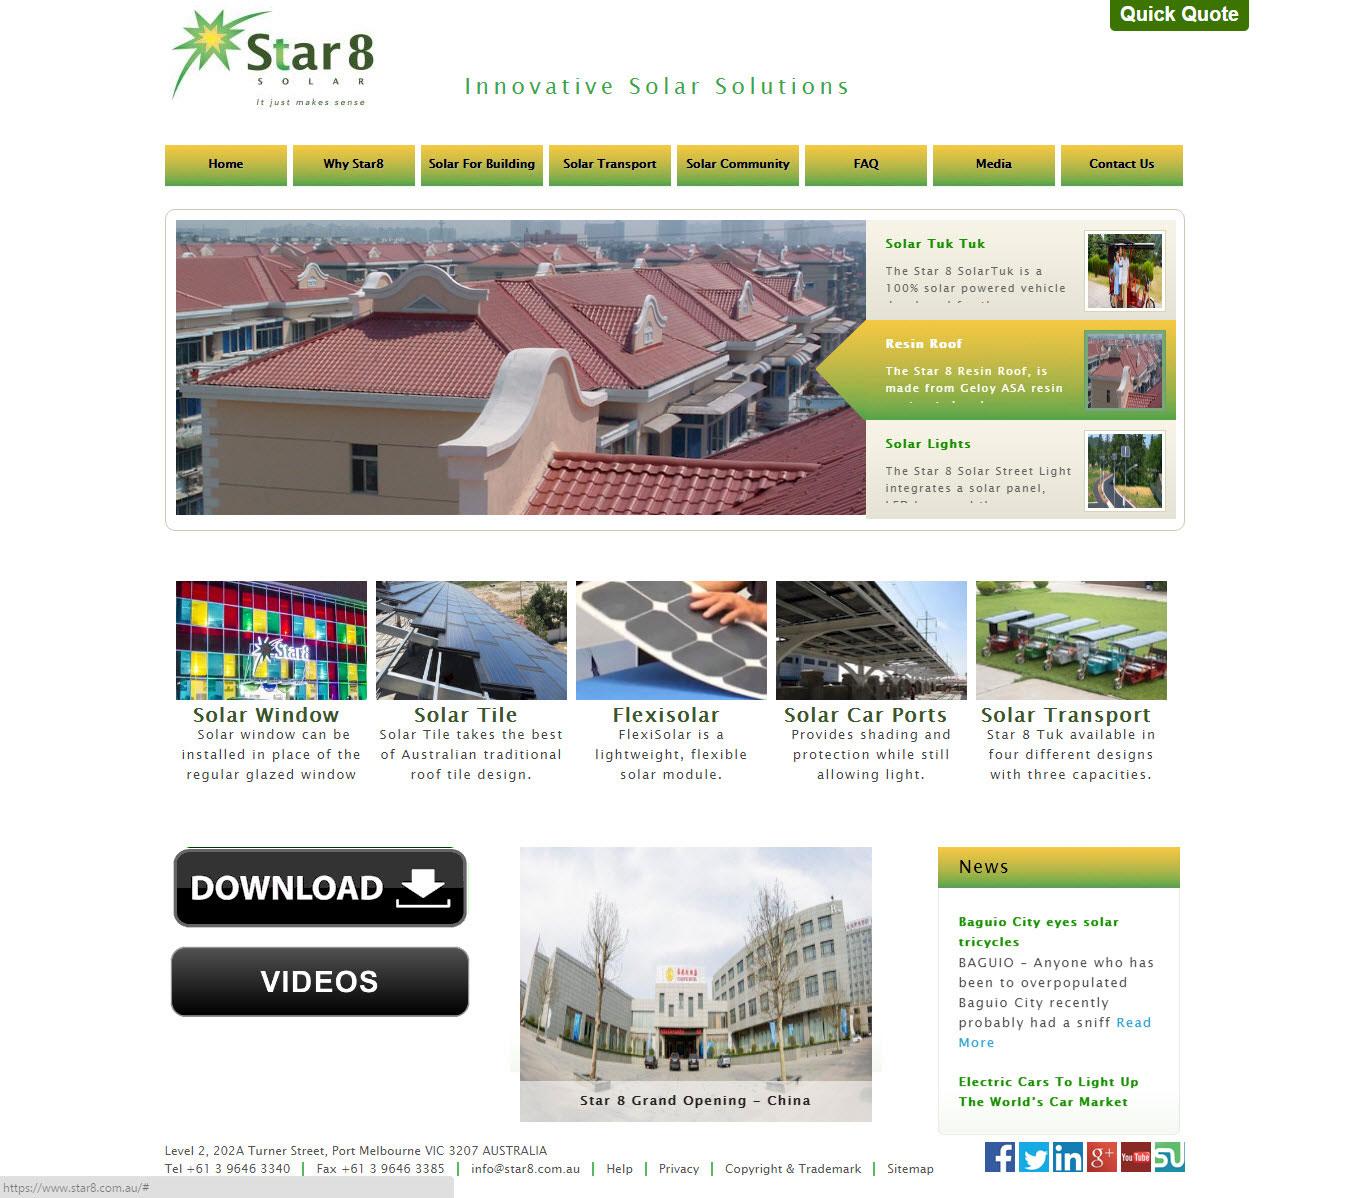 star8.com.au